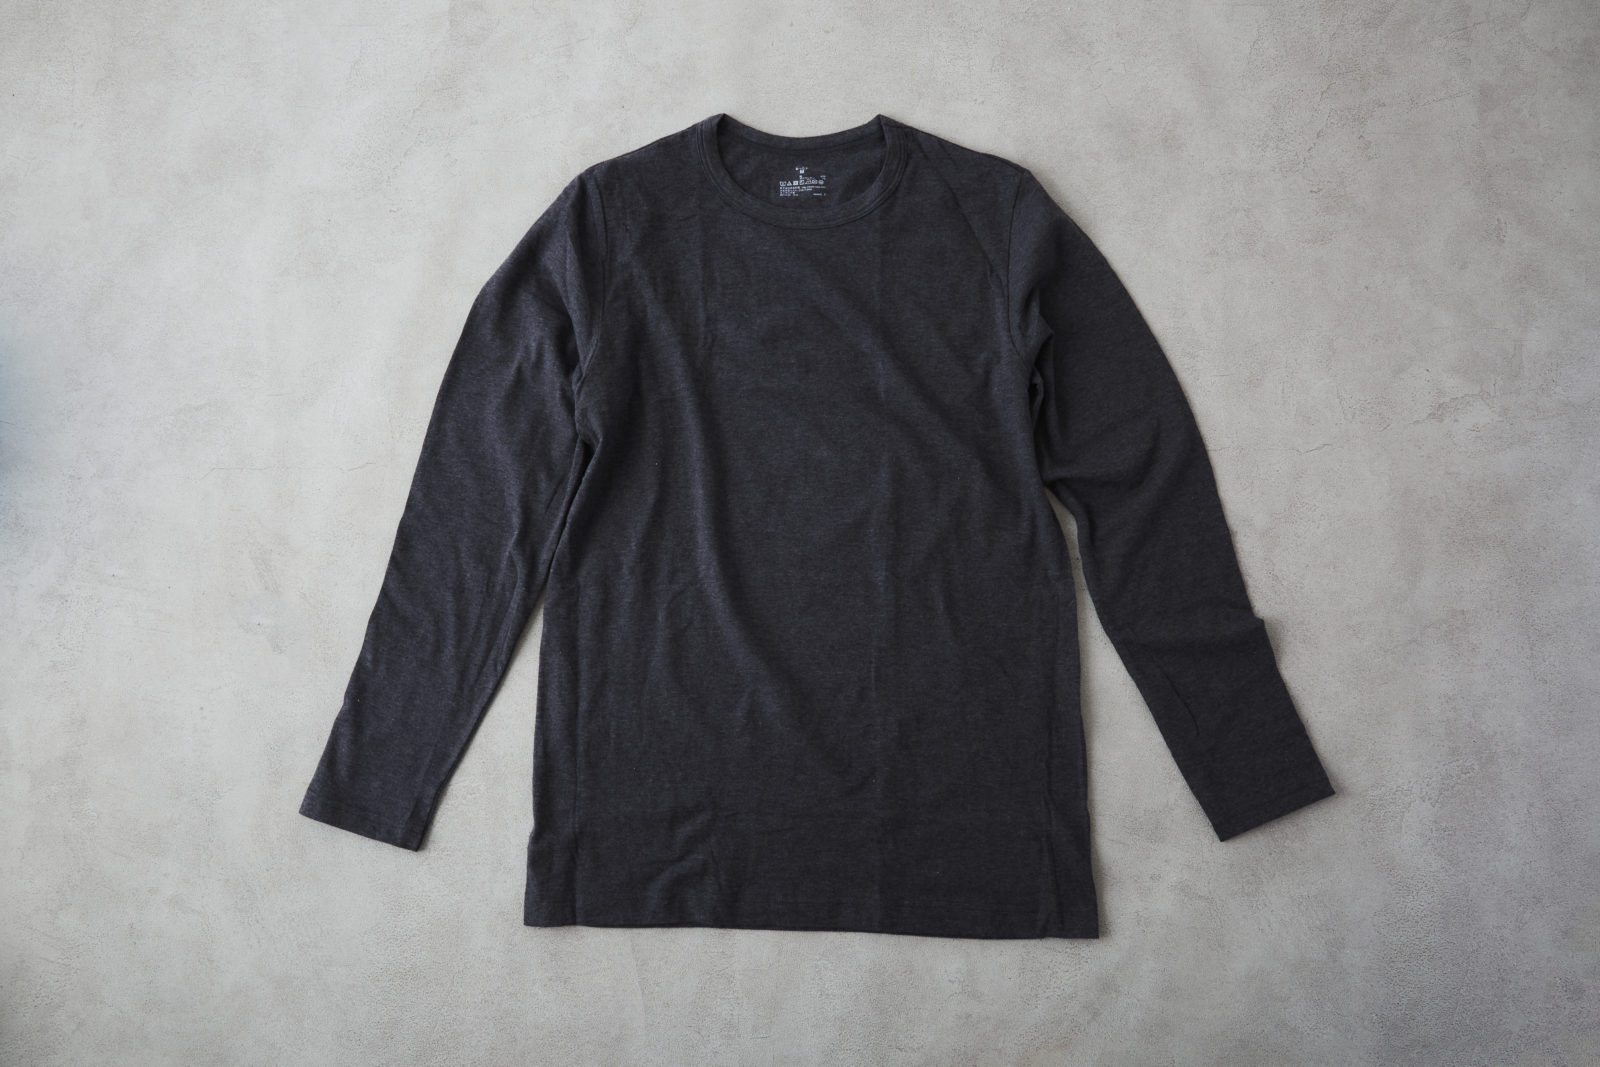 綿であったかVネック長袖Tシャツ 紳士・チャコールグレー